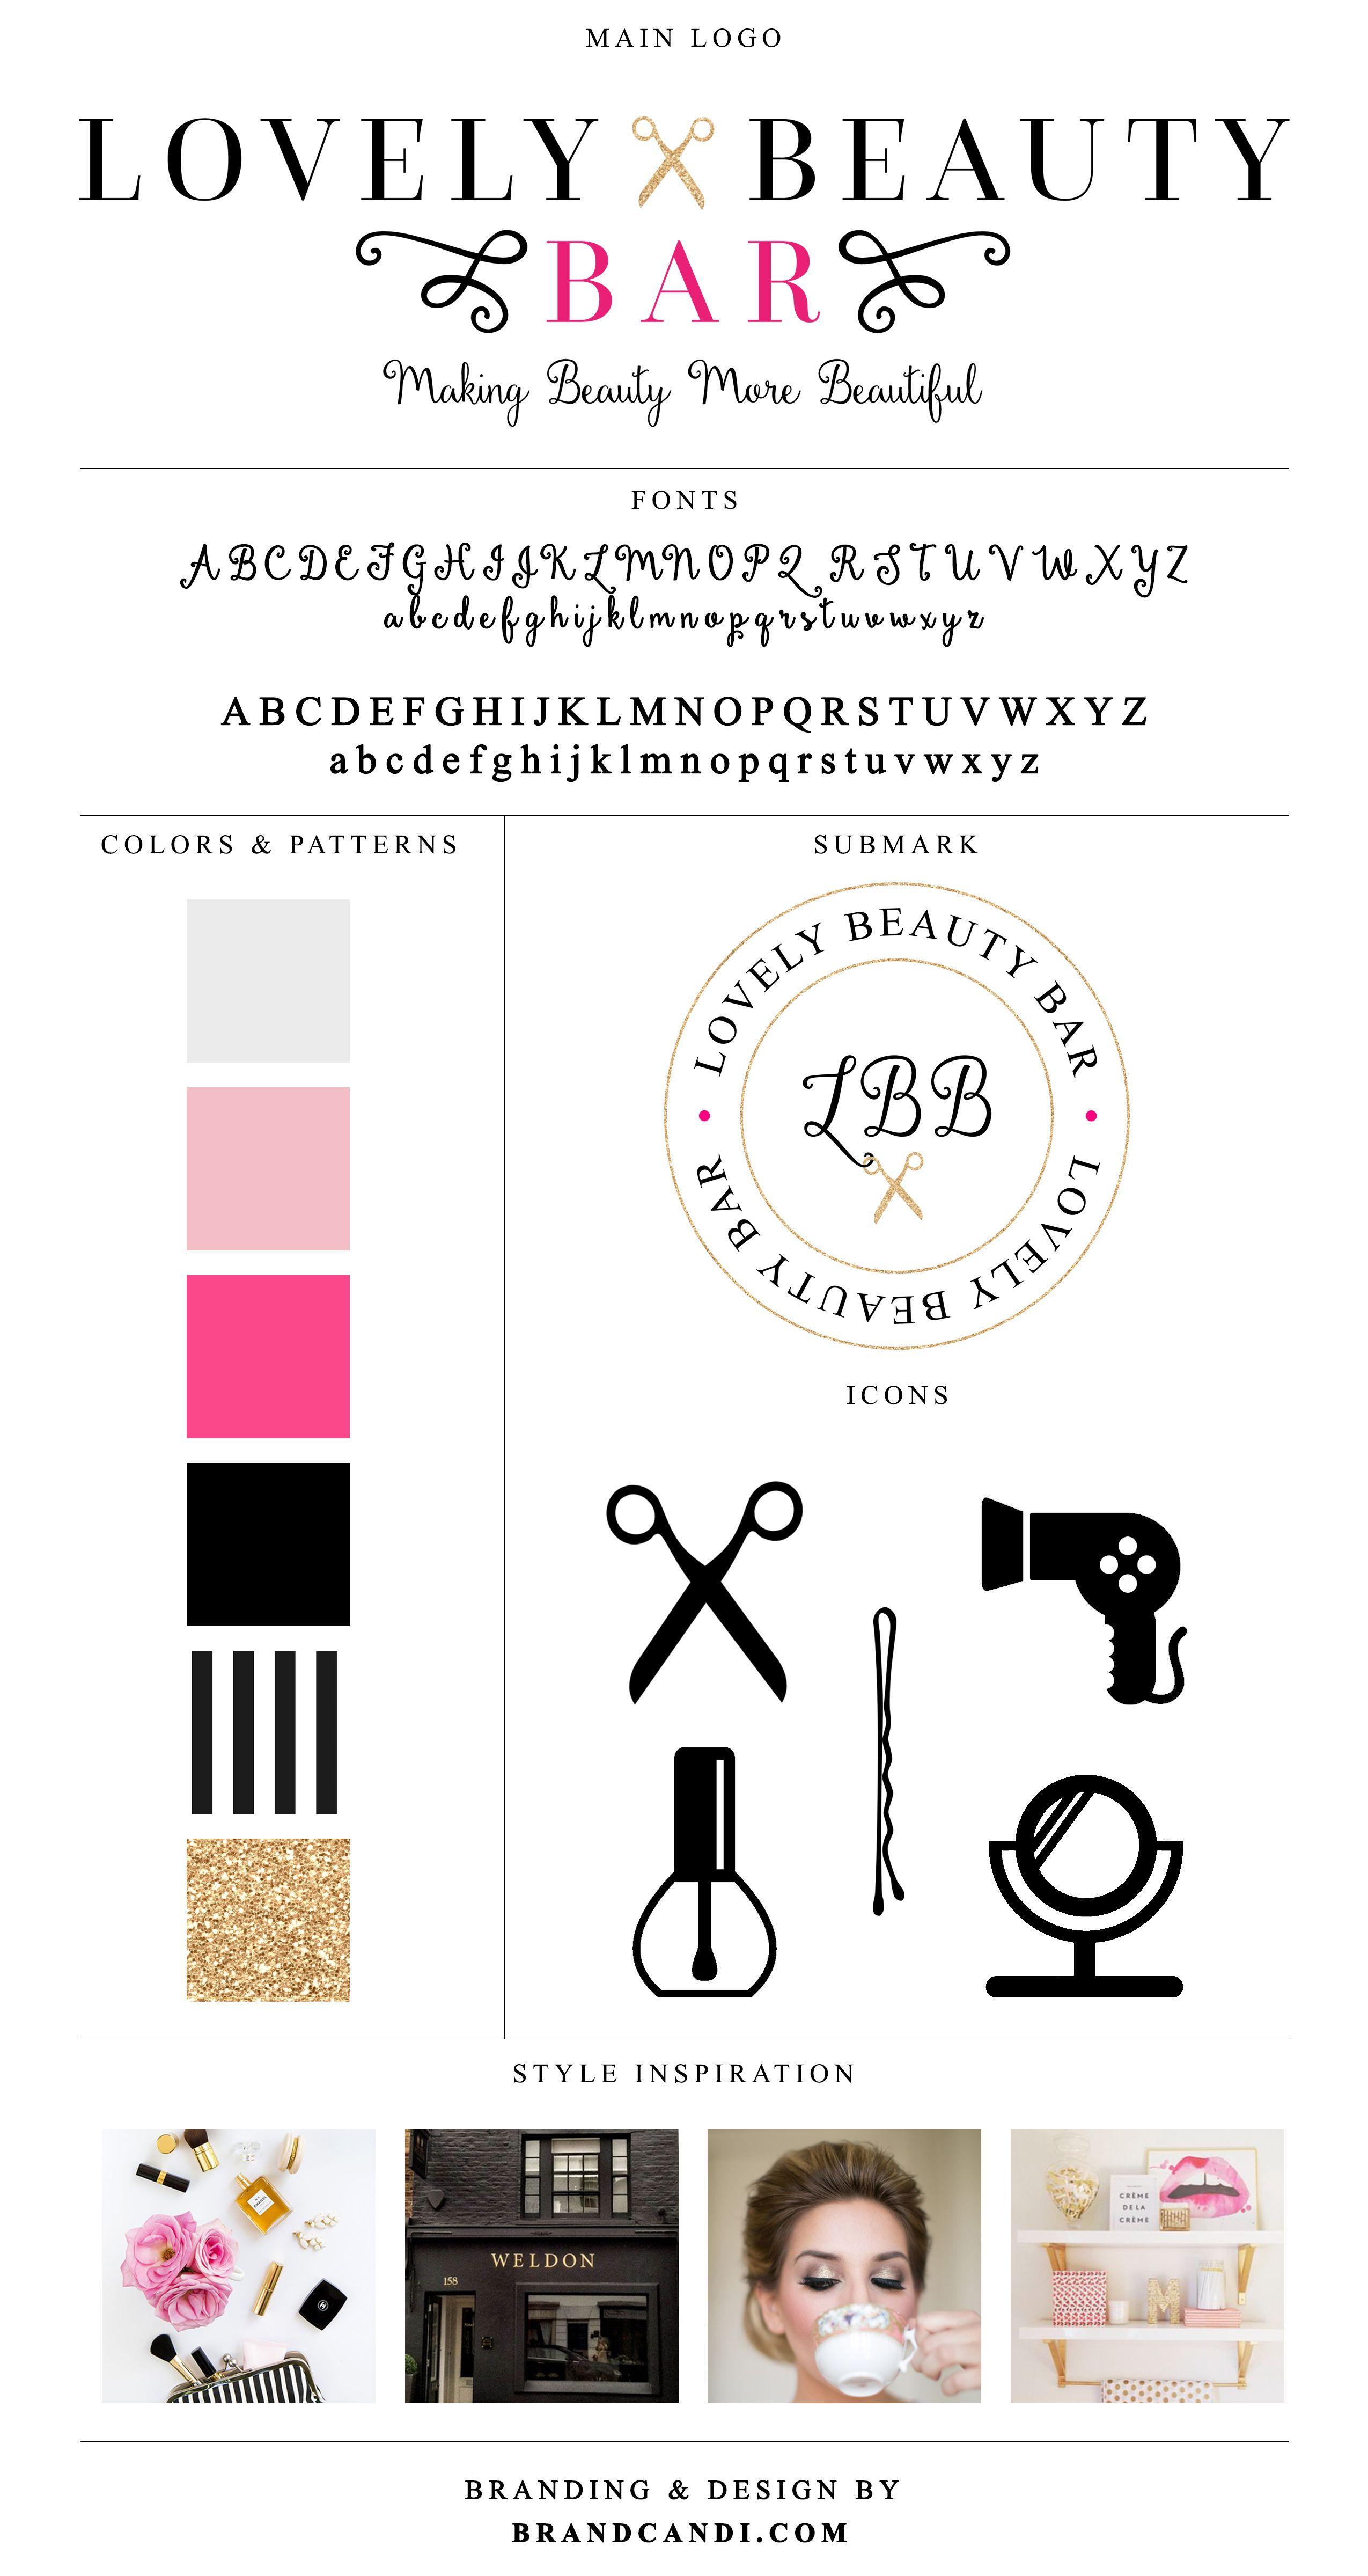 Lovely Beauty Bar Brand Style Board By Candi Spa Salon Logo